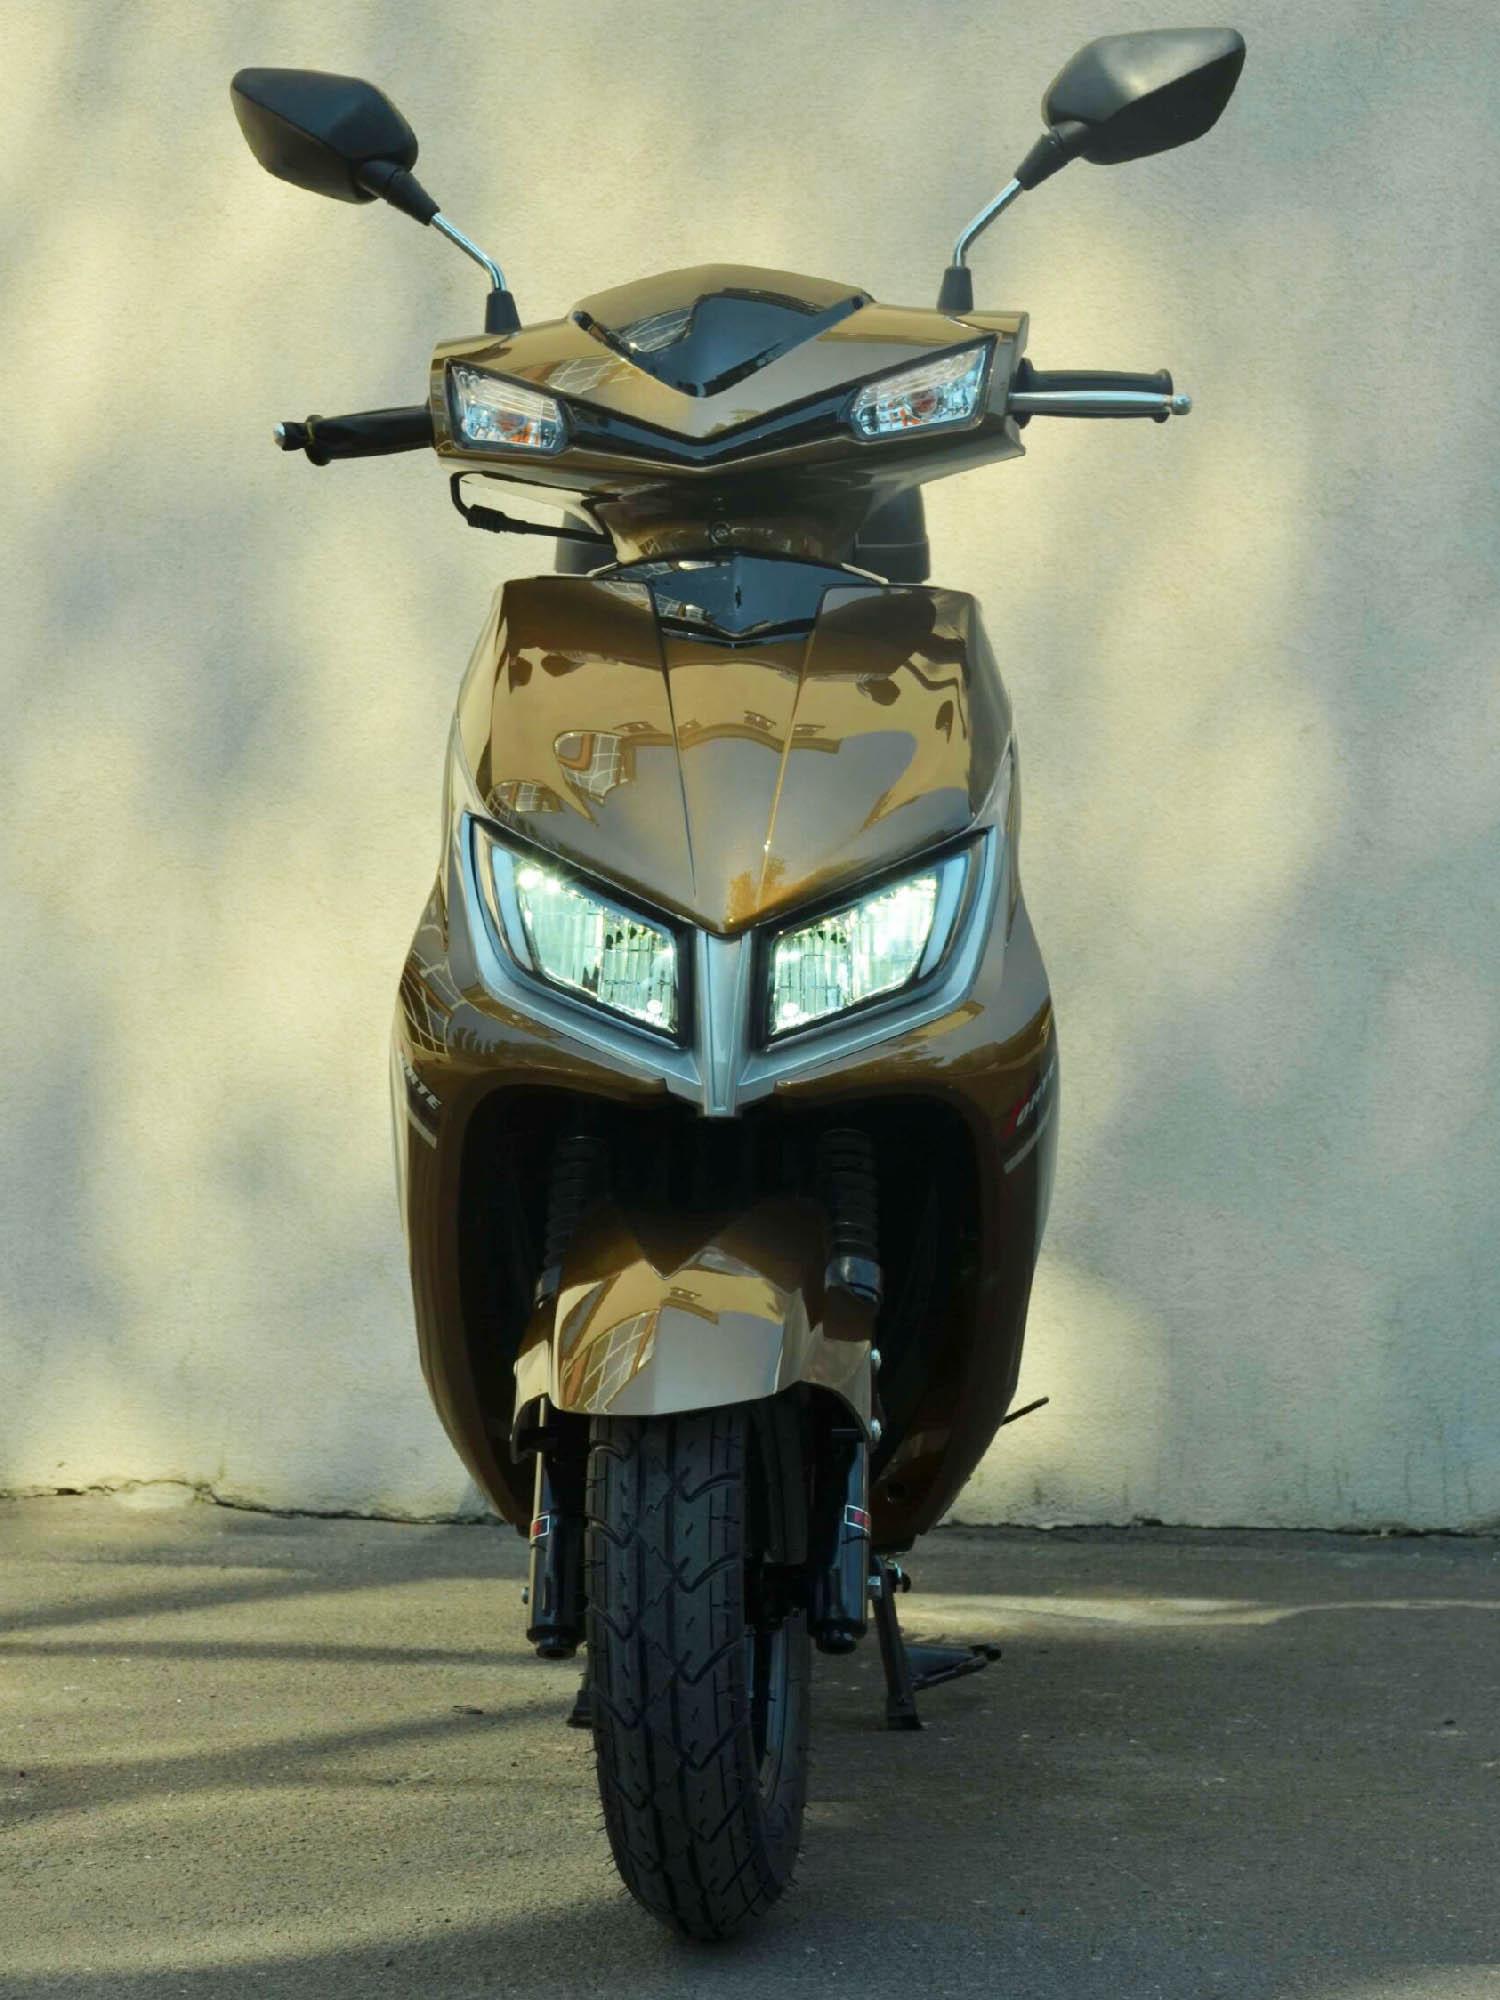 Скутер Forte M8 цвет золотистый металлик вид спереди купить по низкой цене